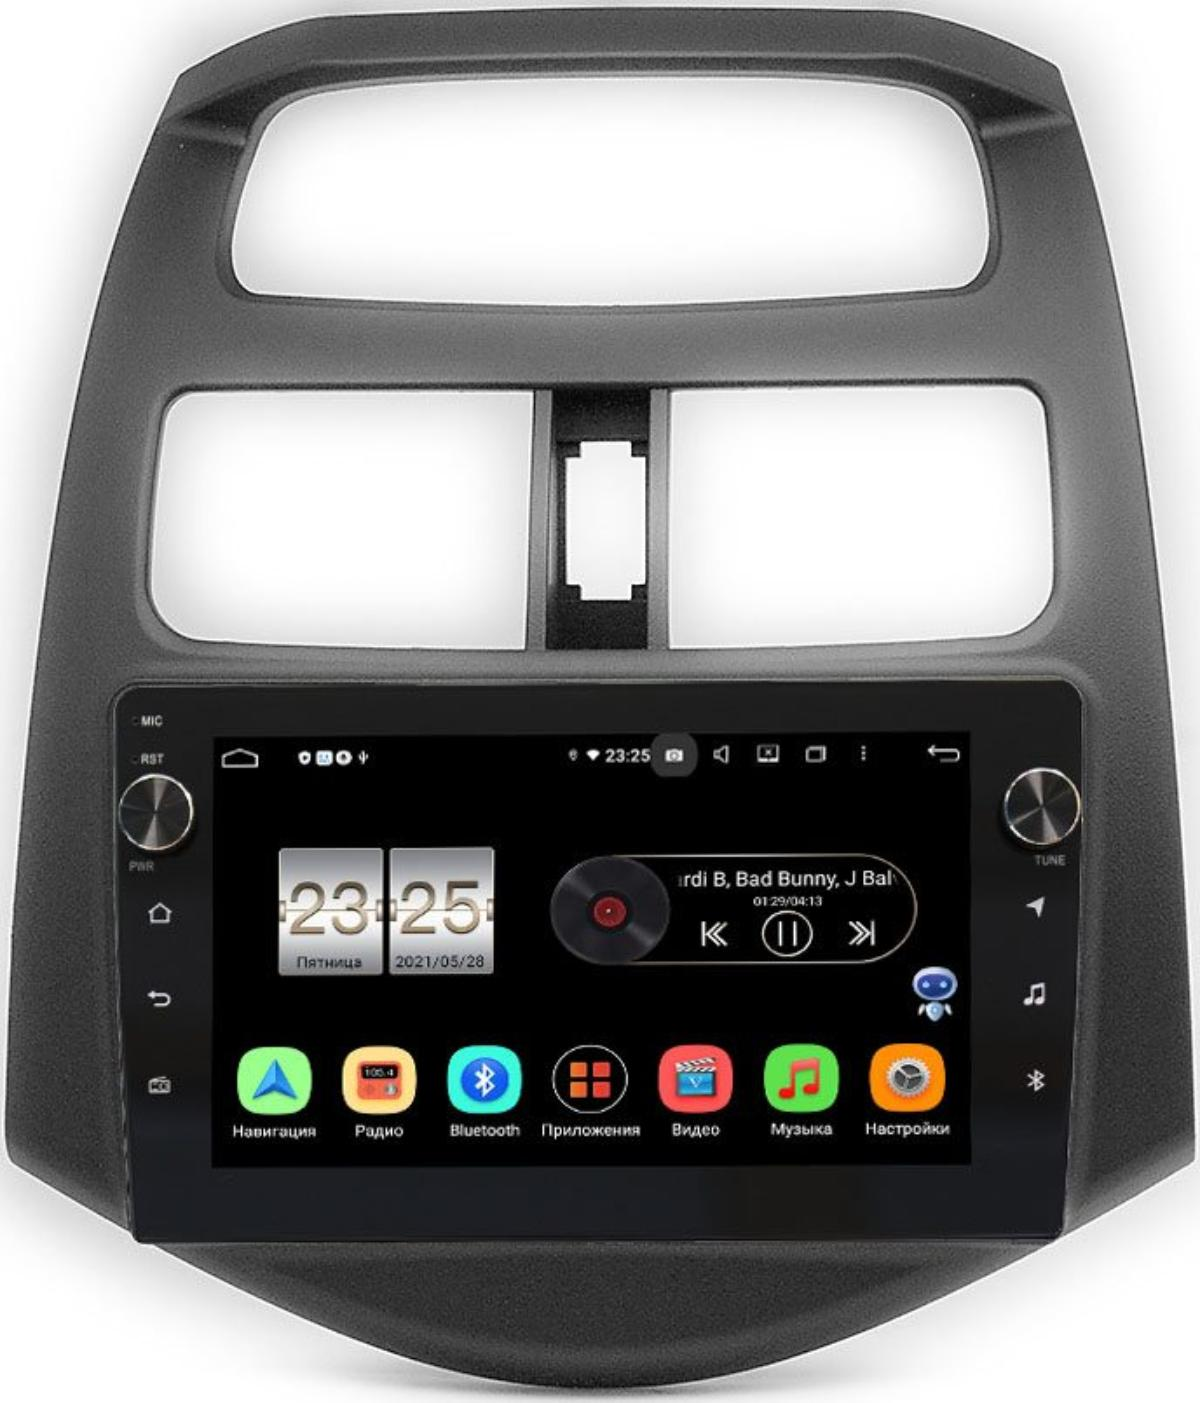 Штатная магнитола Chevrolet Spark III 2009-2016 (глянцевая) LeTrun BPX609-9164 на Android 10 (4/64, DSP, IPS, с голосовым ассистентом, с крутилками) (+ Камера заднего вида в подарок!)